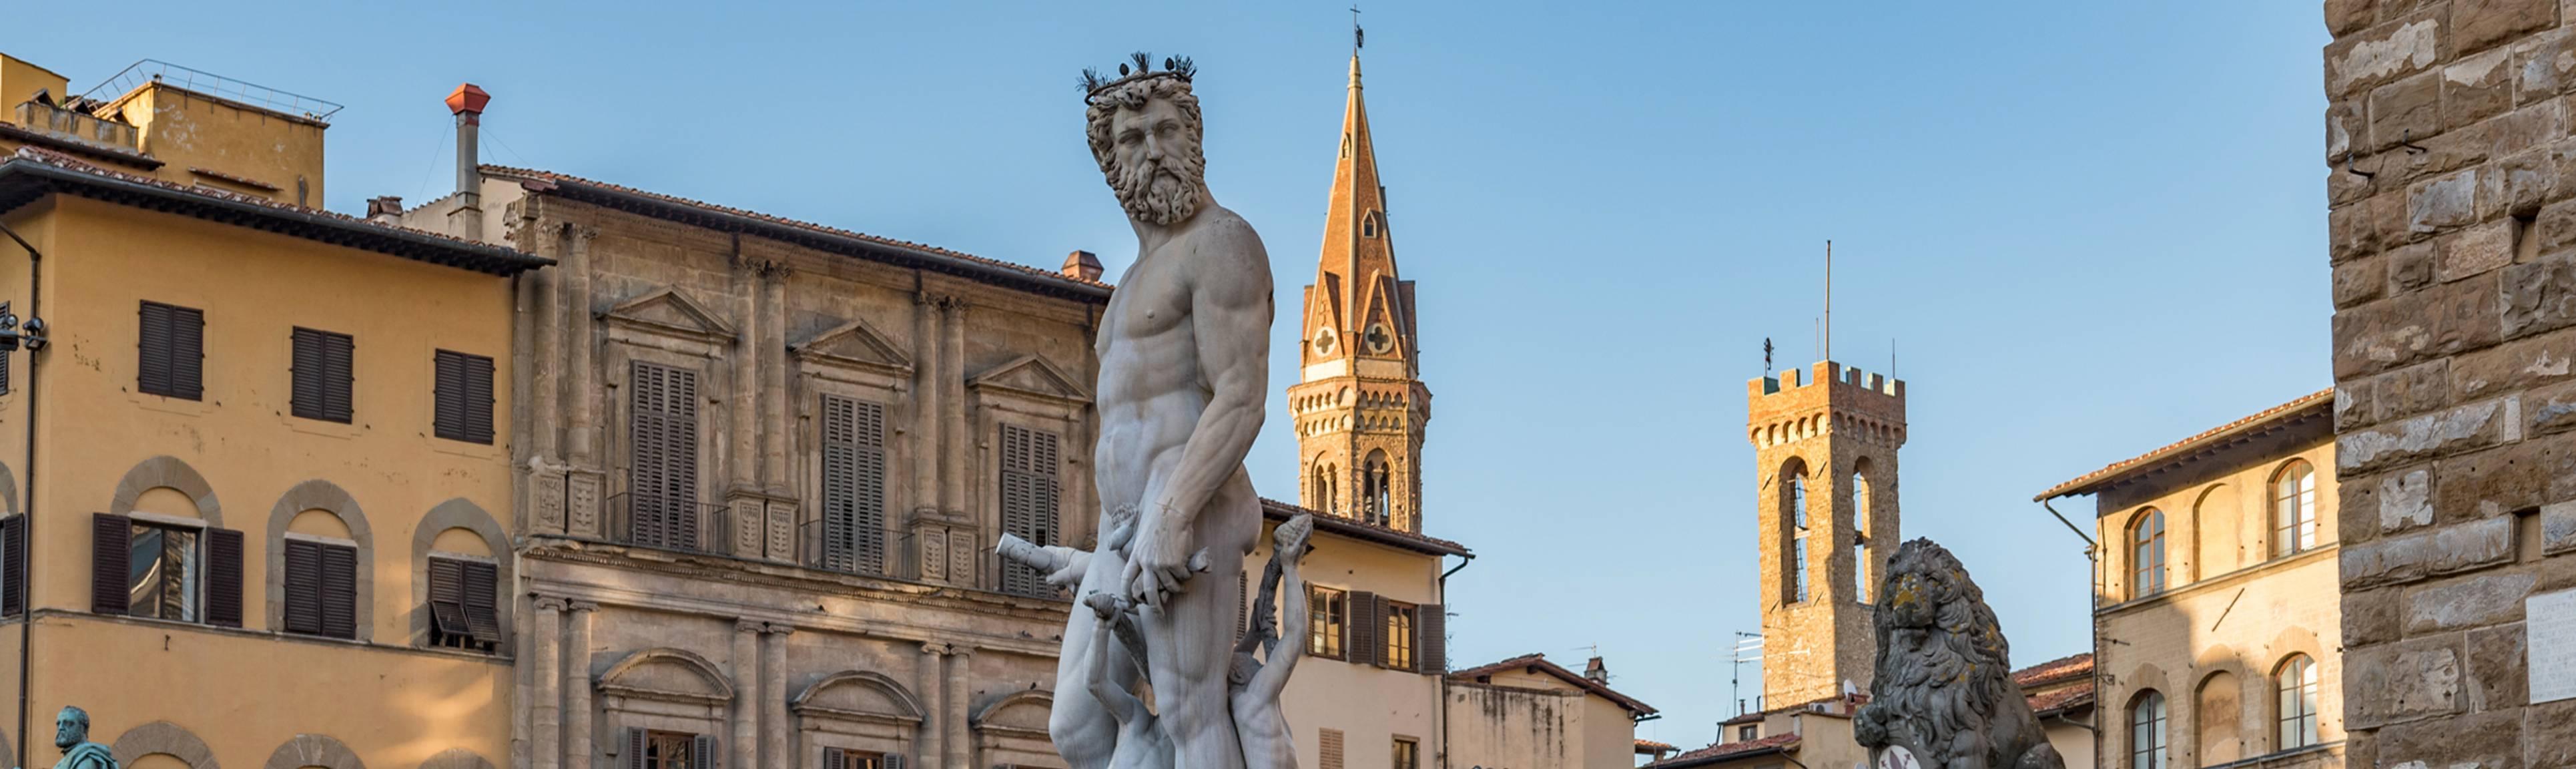 Statue of Neptune at Piazza della Signoria in Florence